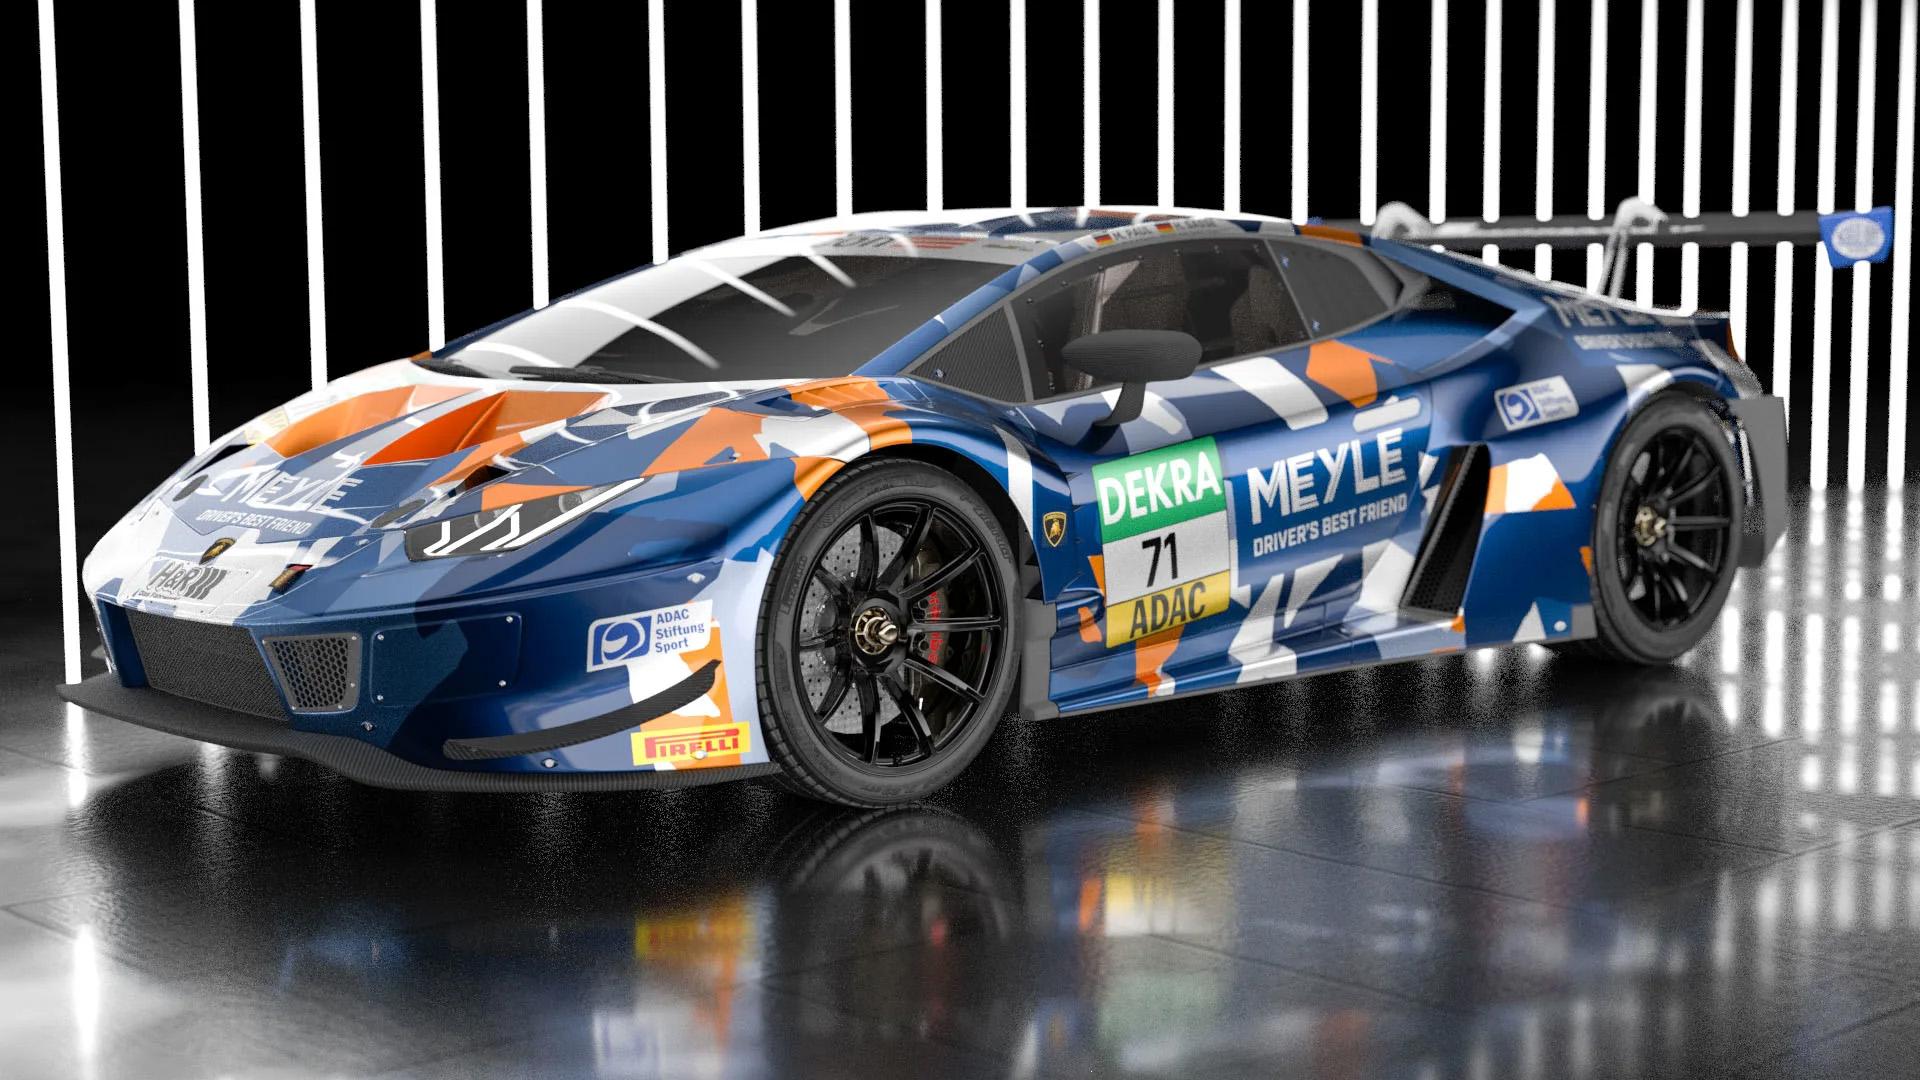 Spektakulärer Look: der erste Lamborghini von T3 Motorsport